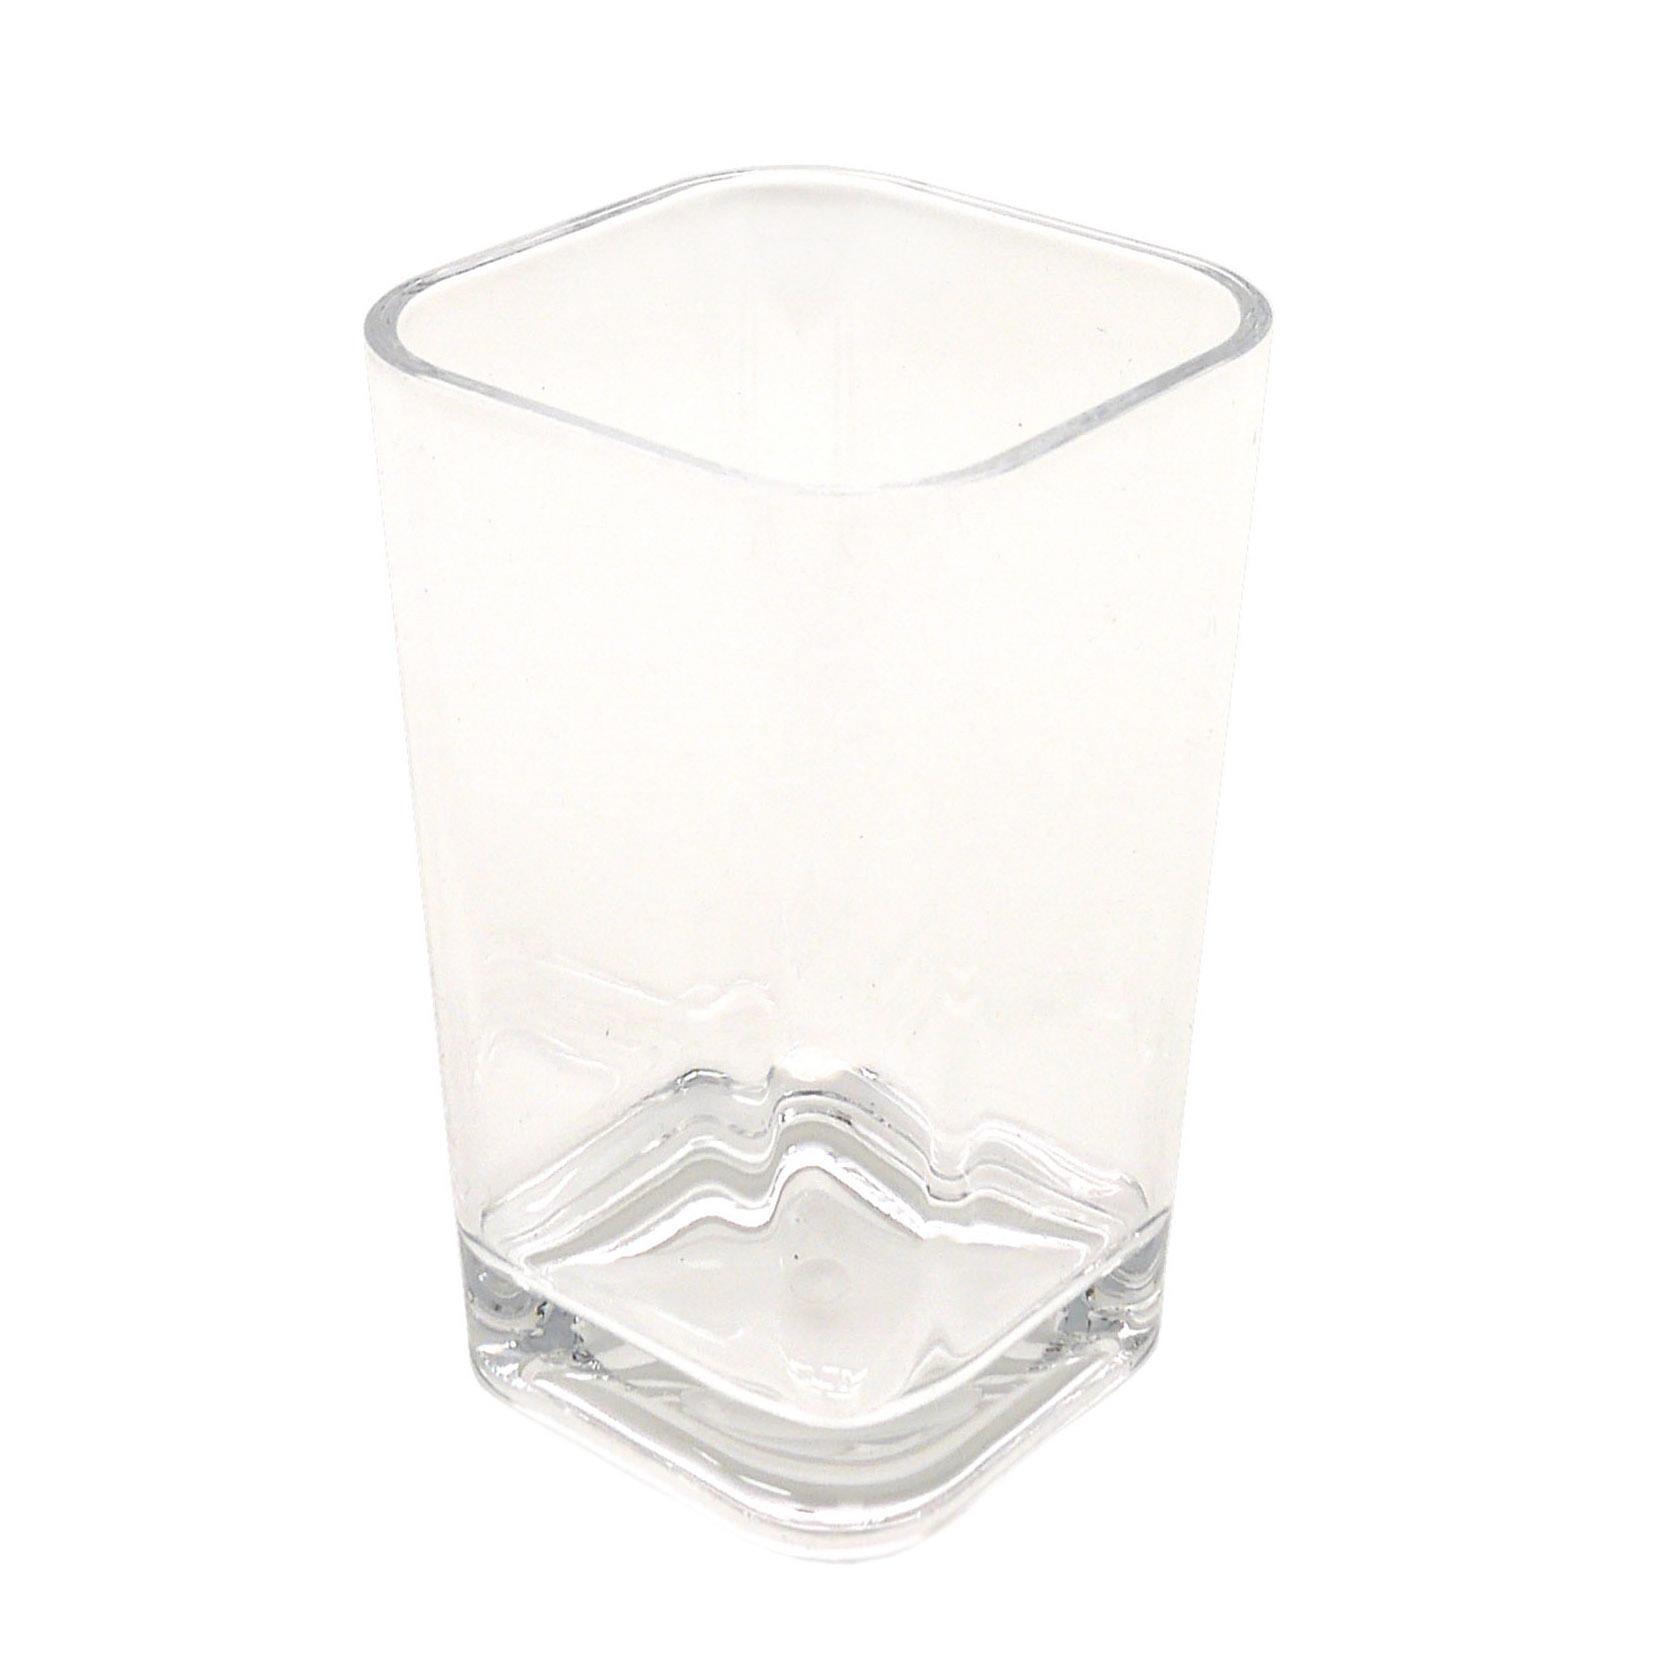 Bicchiere porta spazzolini Claire in acrilico trasparente - 1